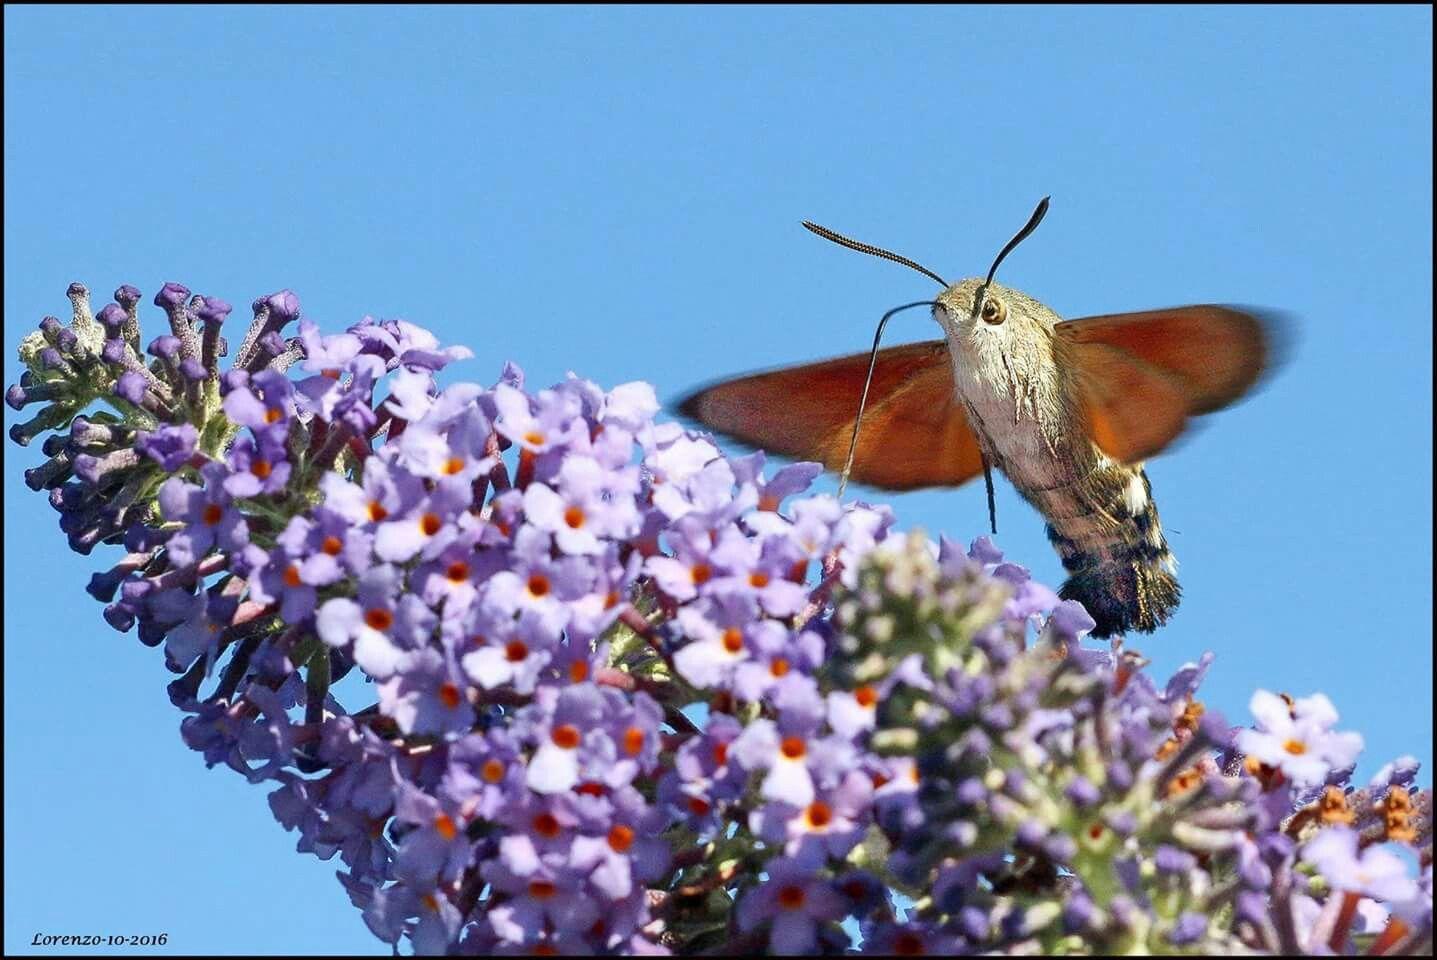 En ik die dacht dat de kolibrie vlinder van 14 dagen geleden de laatste was ,naar neen zondag (16-10-2016) was hij er weer !!